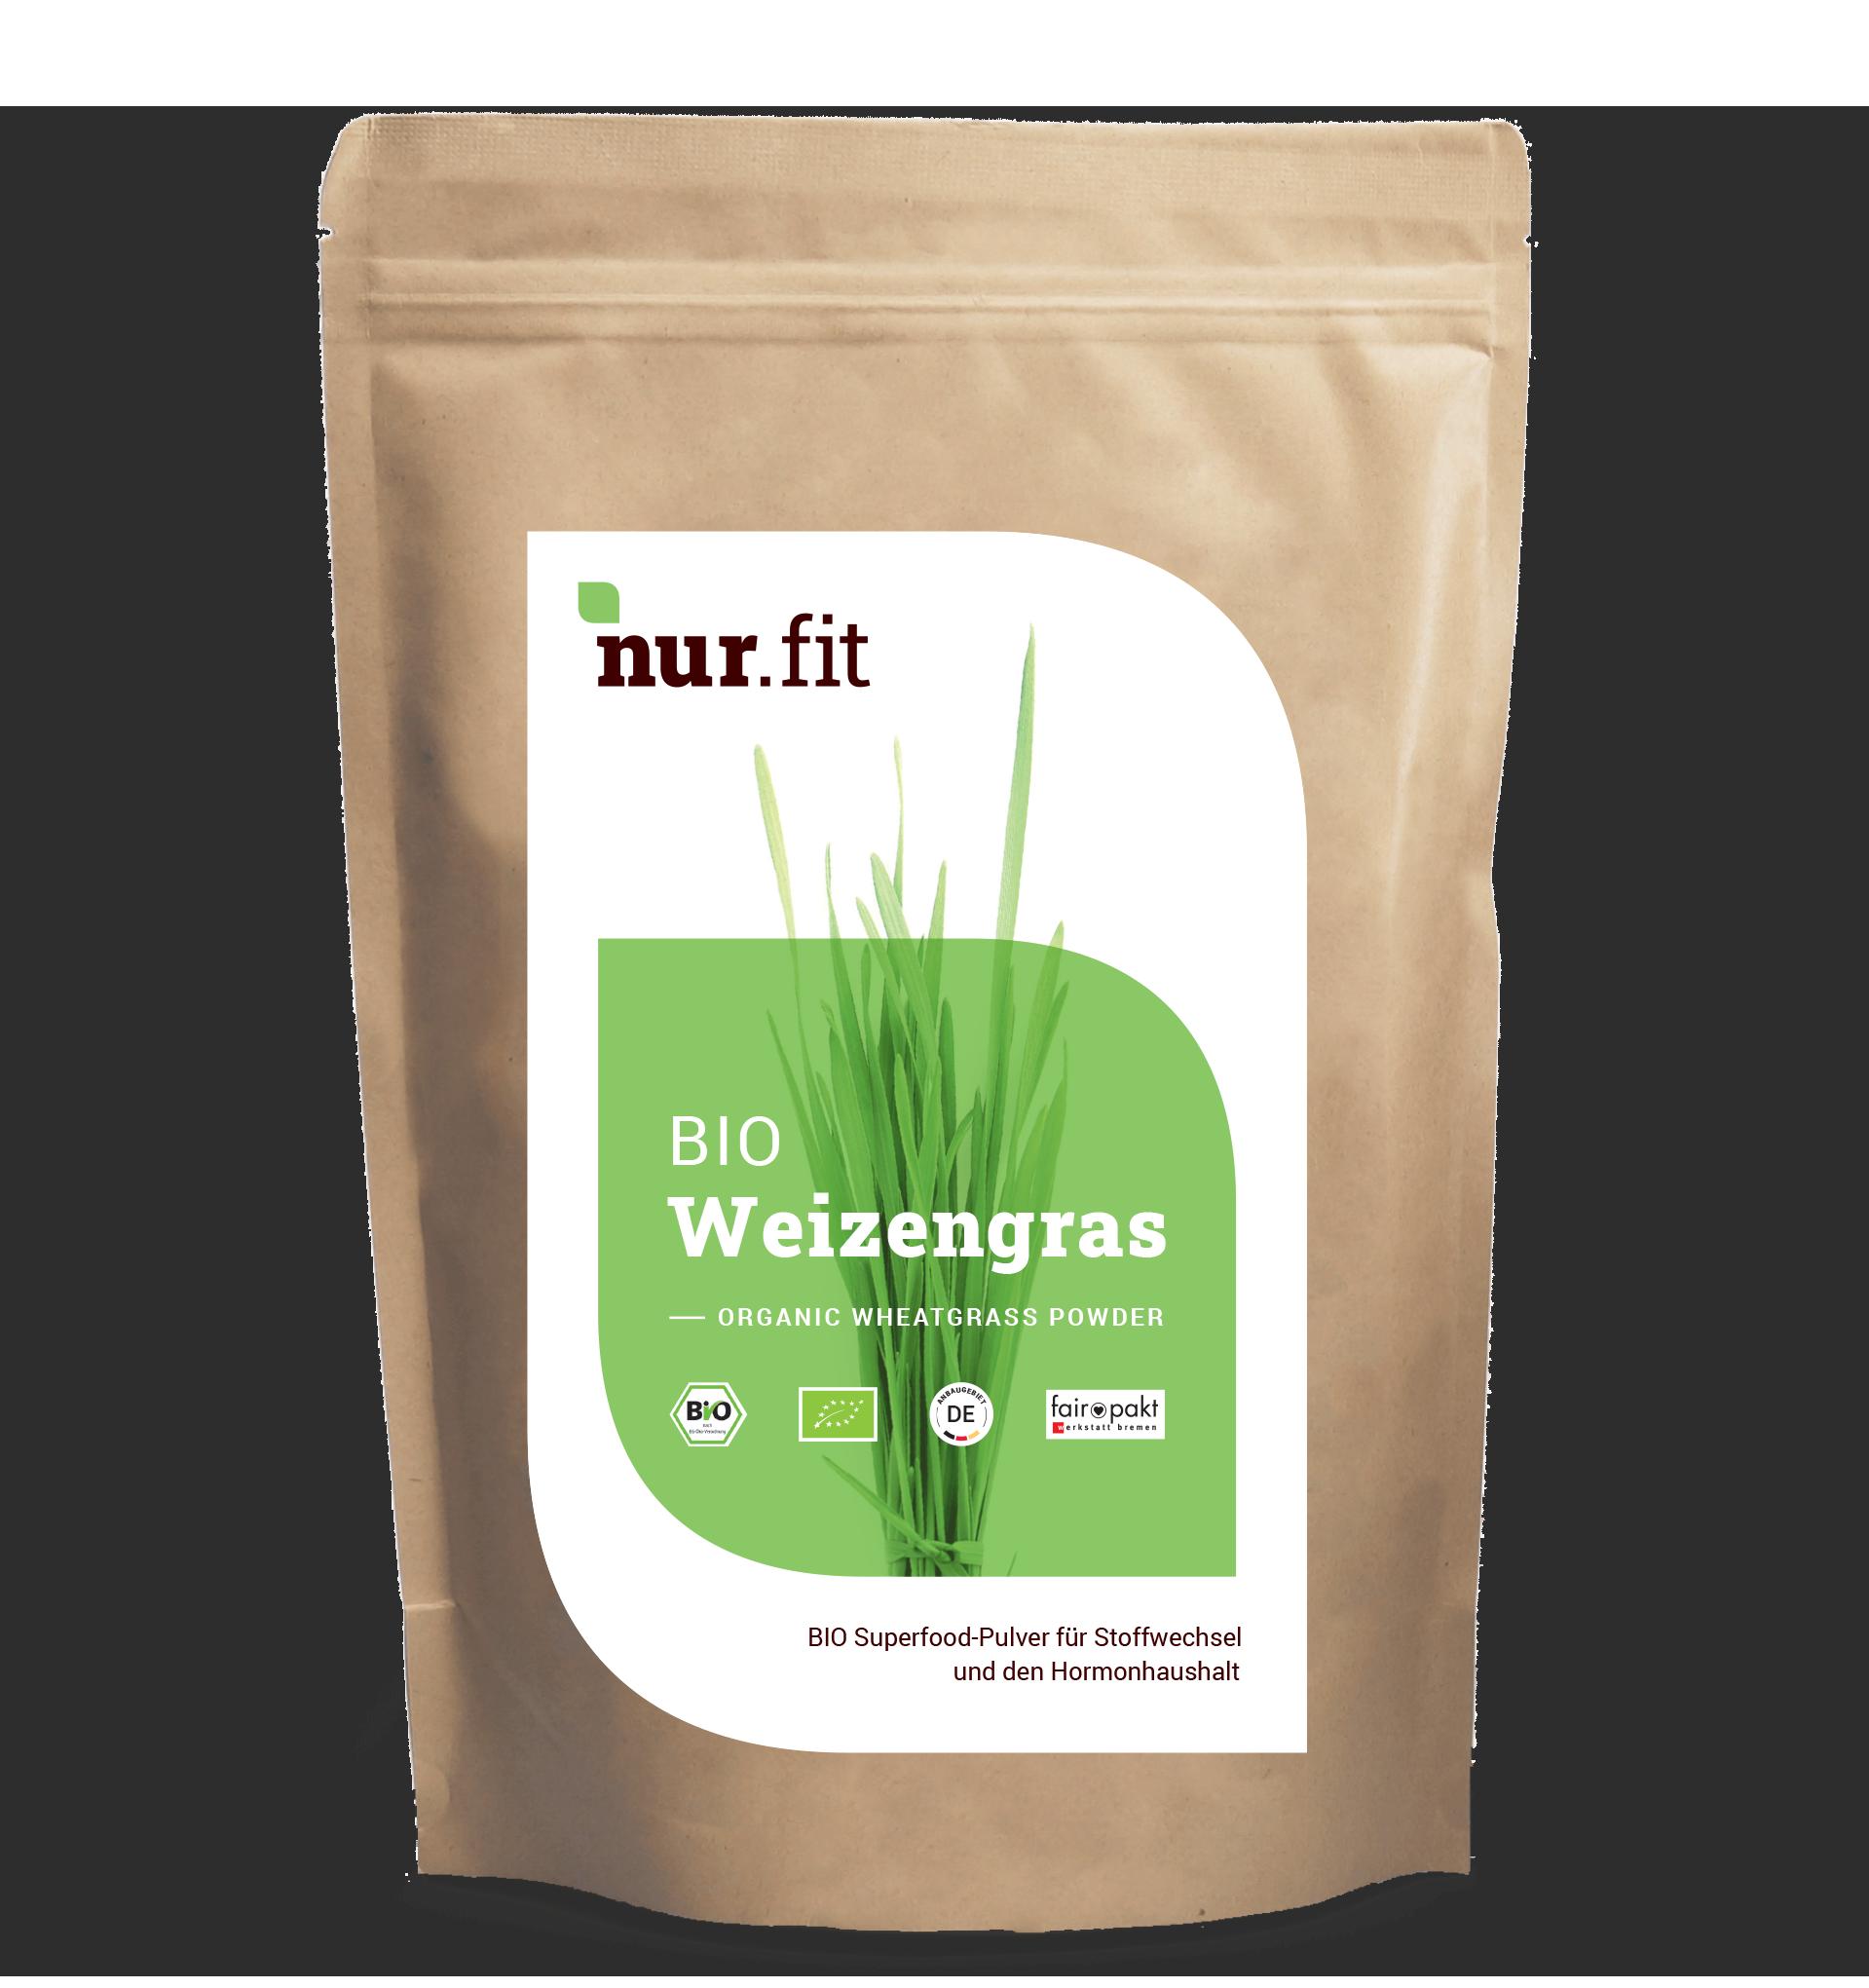 BIO Weizengras Pulver aus Deutschland